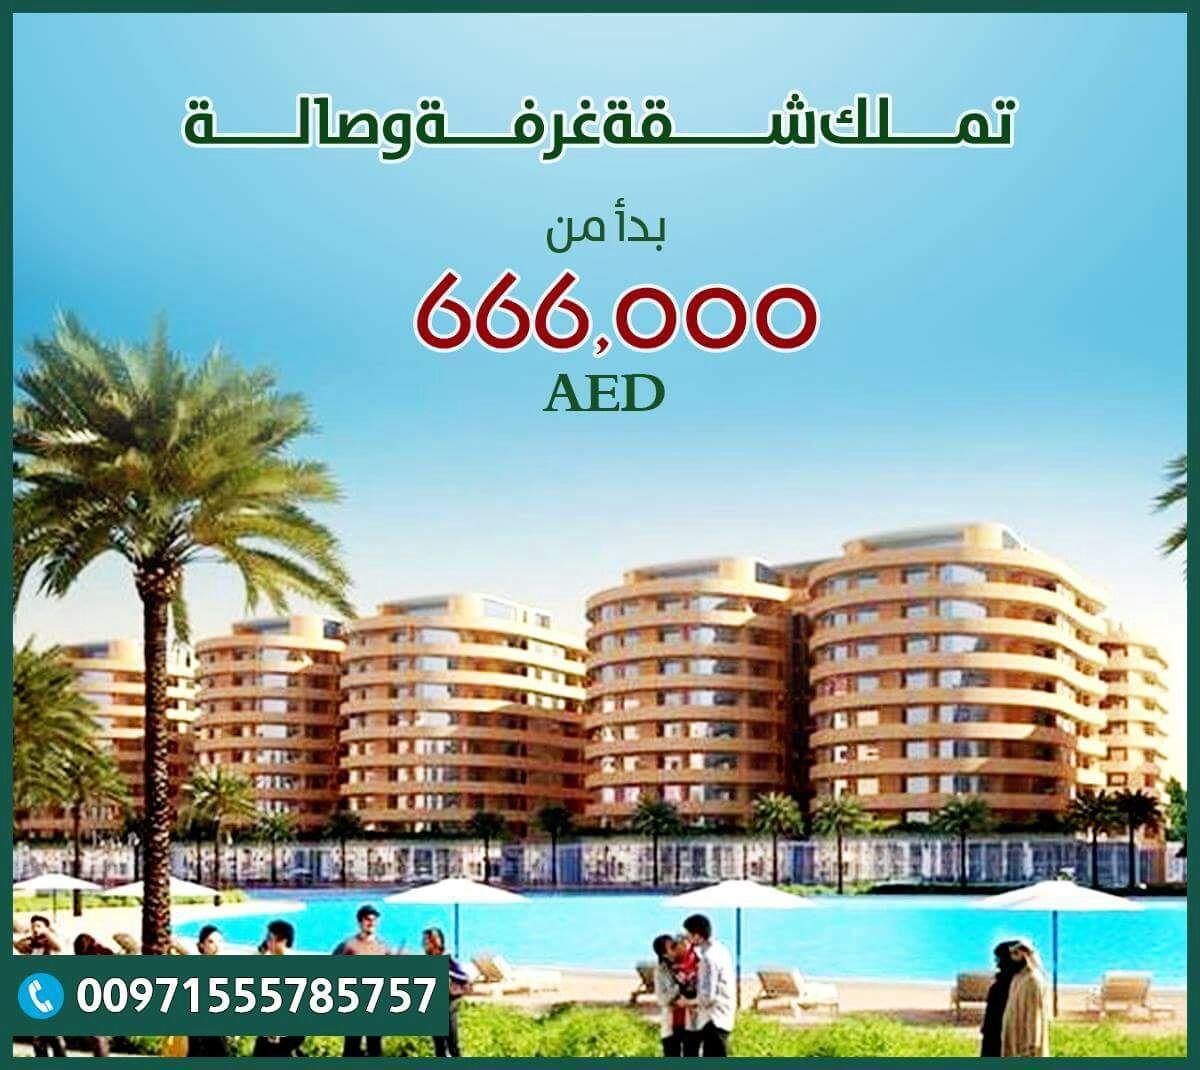 احصل على افضل عقارات دبي بارخص الأسعار وعيش معنى الرفاهية باقل الأسعار Dubai Weather Screenshot Weather